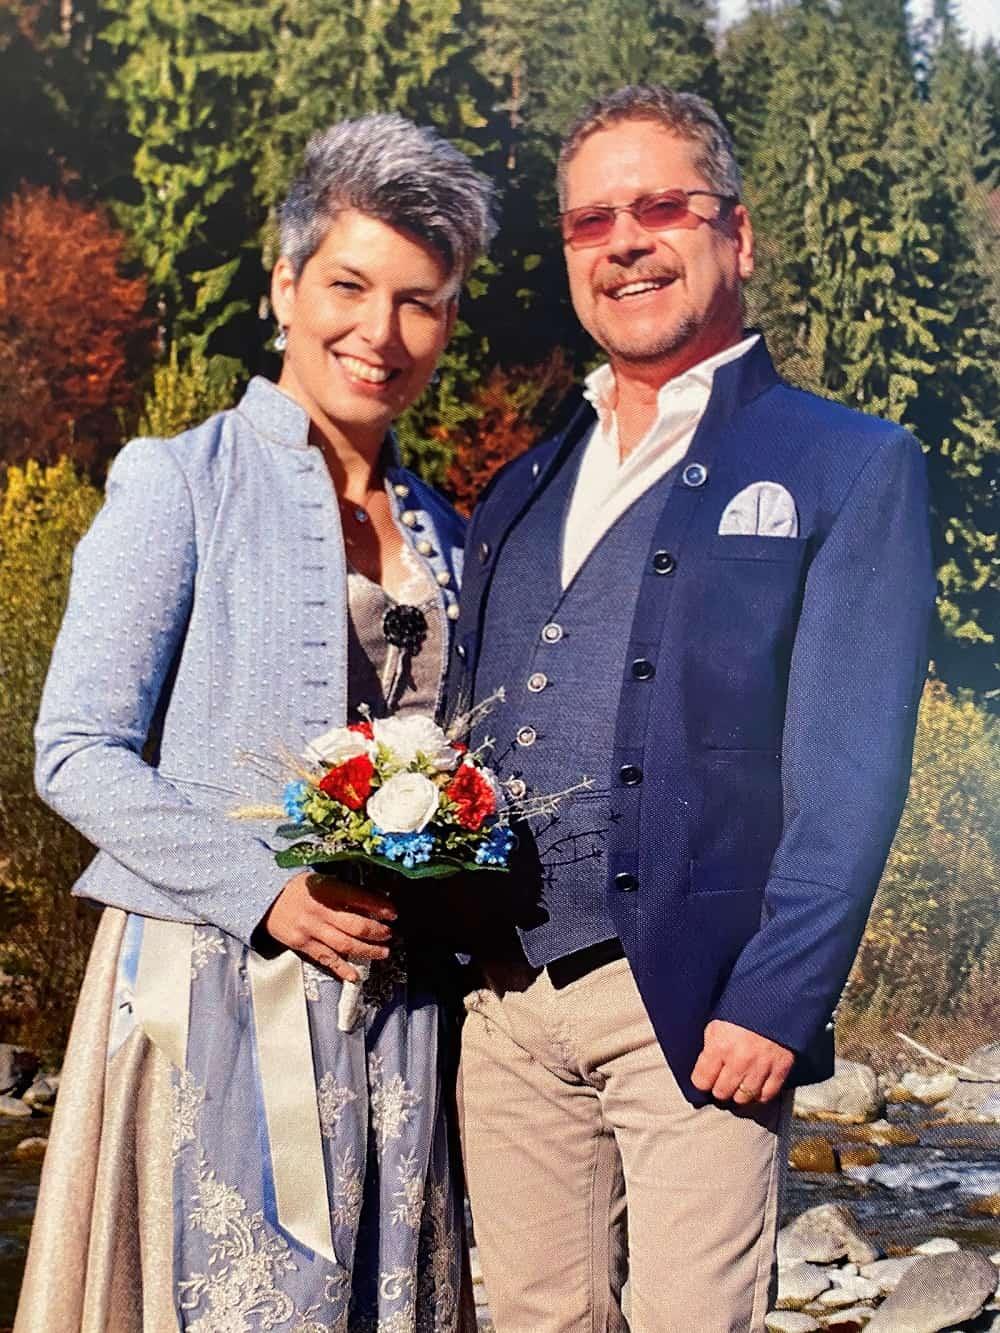 AlpenHerz Hochzeit 01 2020